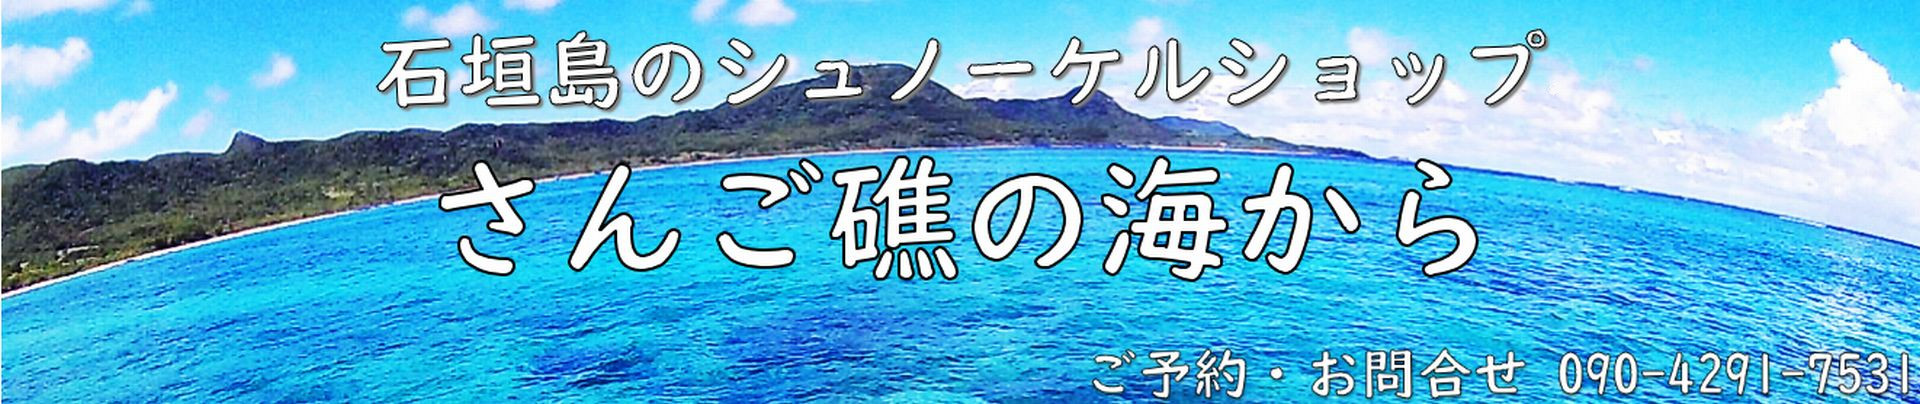 石垣島シュノーケリングショップ『さんご礁の海から』は少人数の半日ツアー